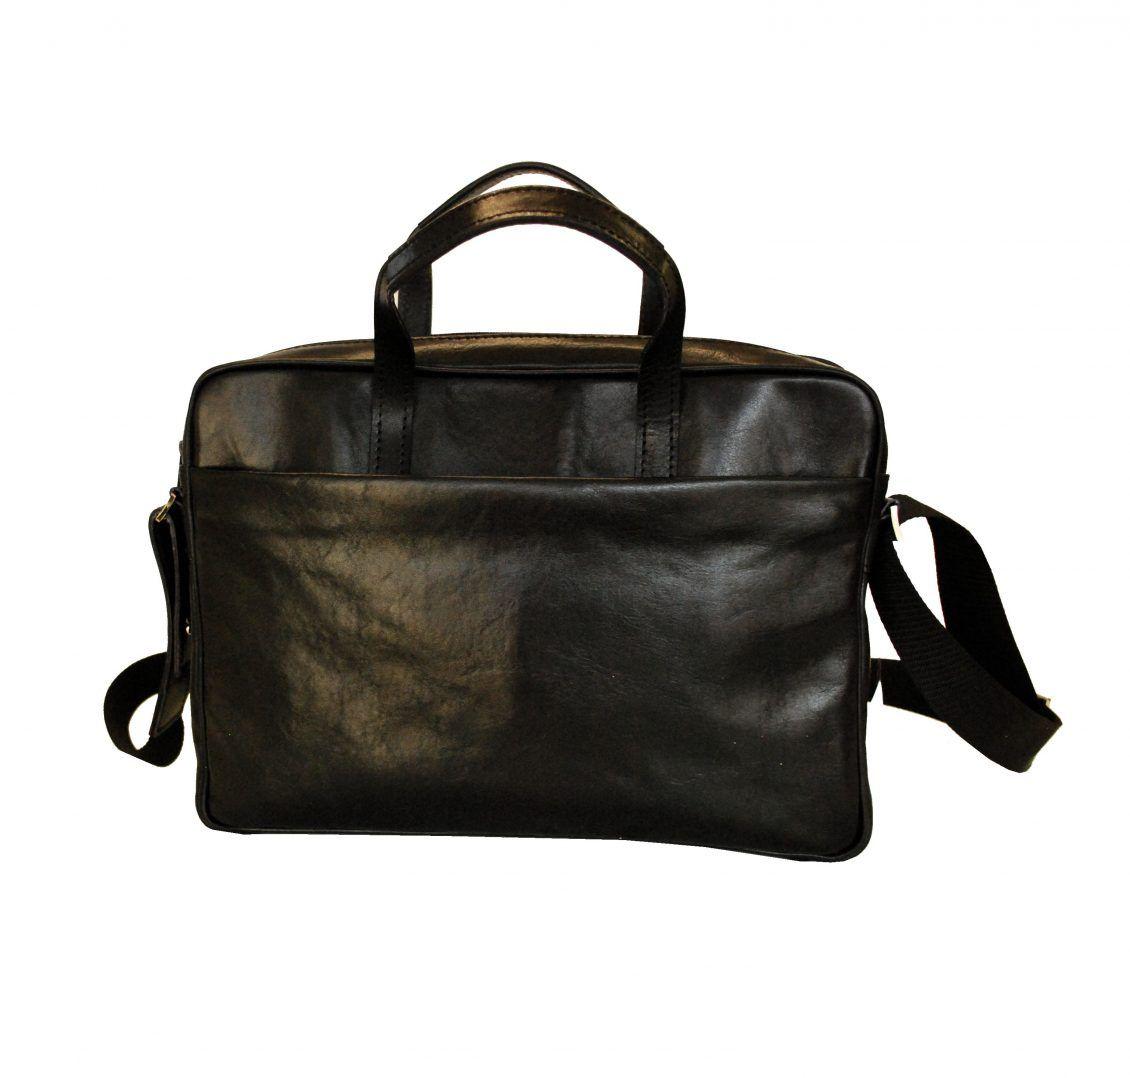 26a94ed01a Kožená aktovka a pracovný kufor z kvalitnej a odolnej kože. Aktovka je  plochá taška slúžiaca ako elegantné púzdro na uloženie rôznych…